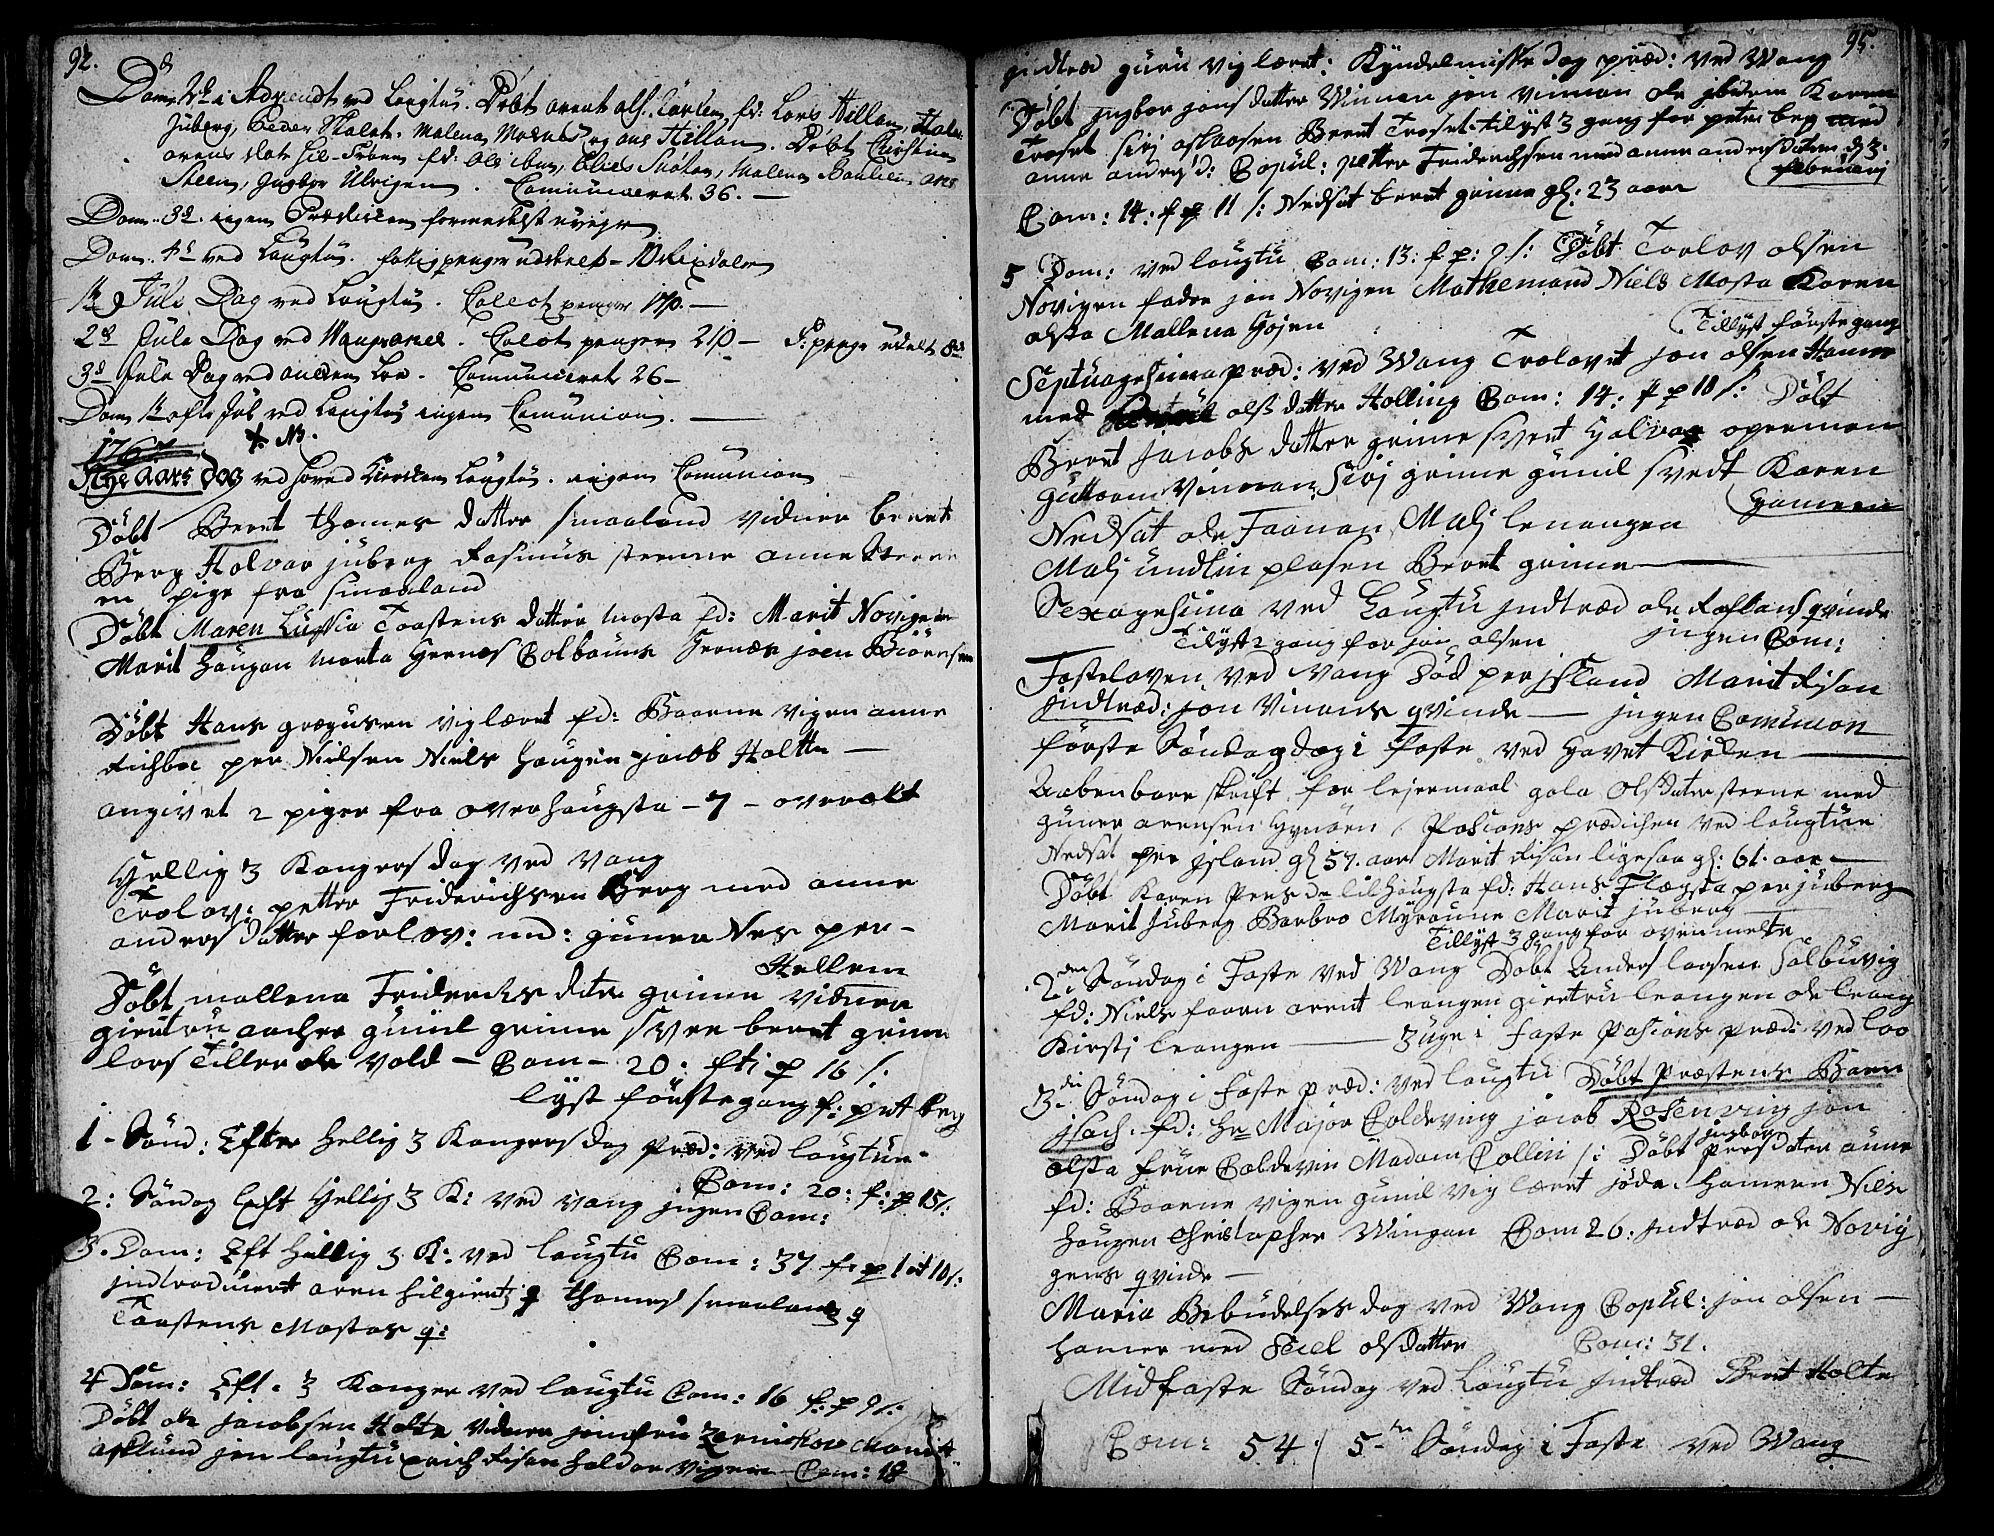 SAT, Ministerialprotokoller, klokkerbøker og fødselsregistre - Nord-Trøndelag, 713/L0109: Ministerialbok nr. 713A01, 1750-1778, s. 92-95